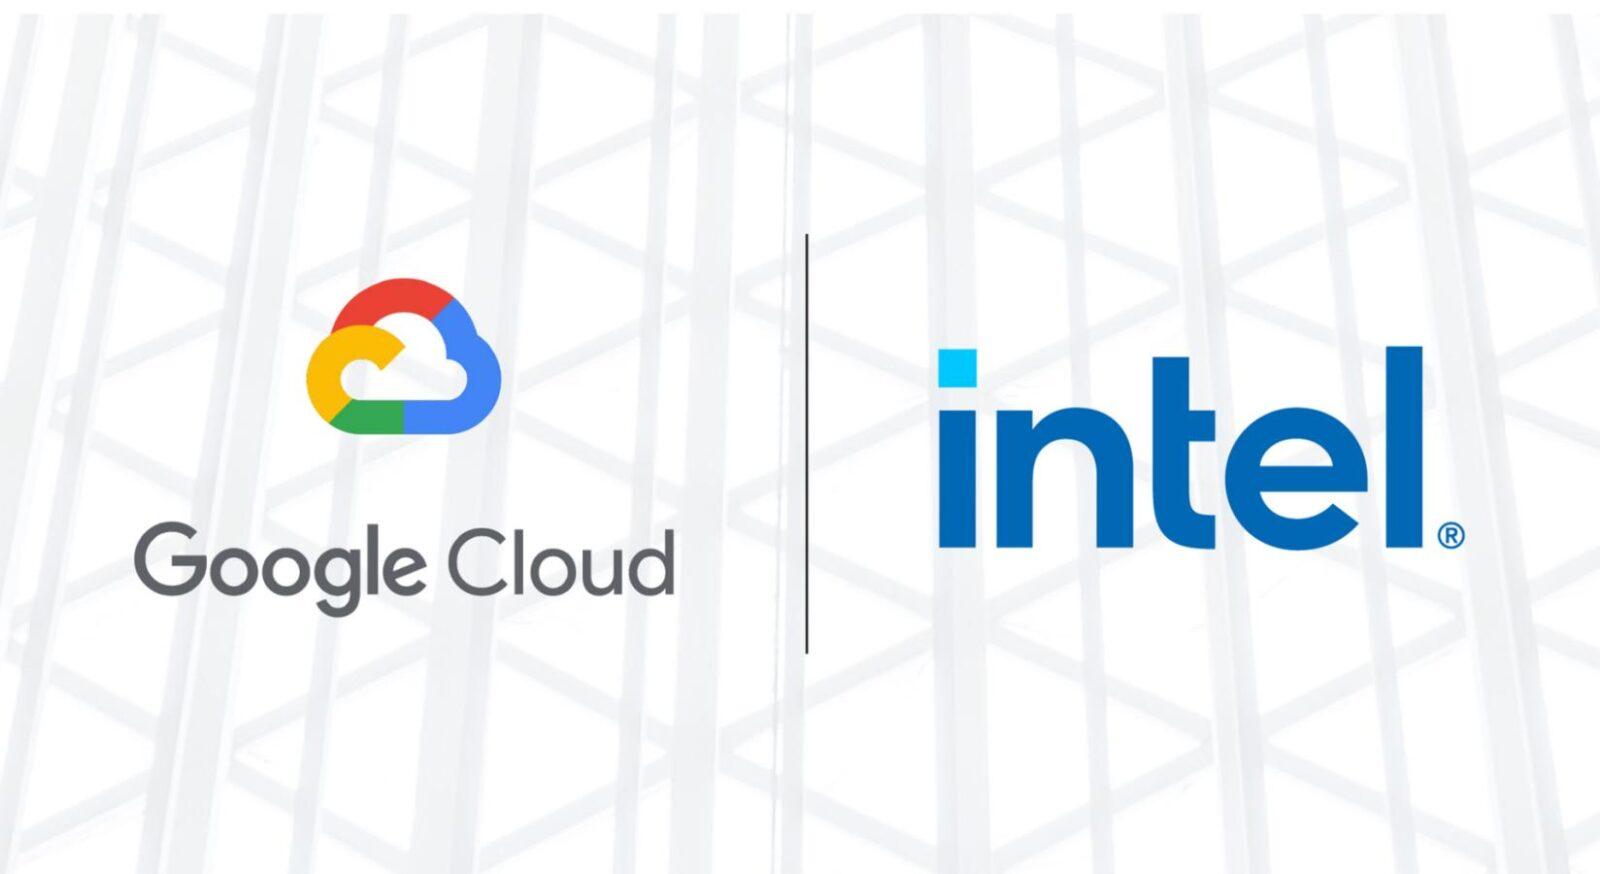 همکاری گوگل و اینتل جهت آسانسازی توسعه 5G